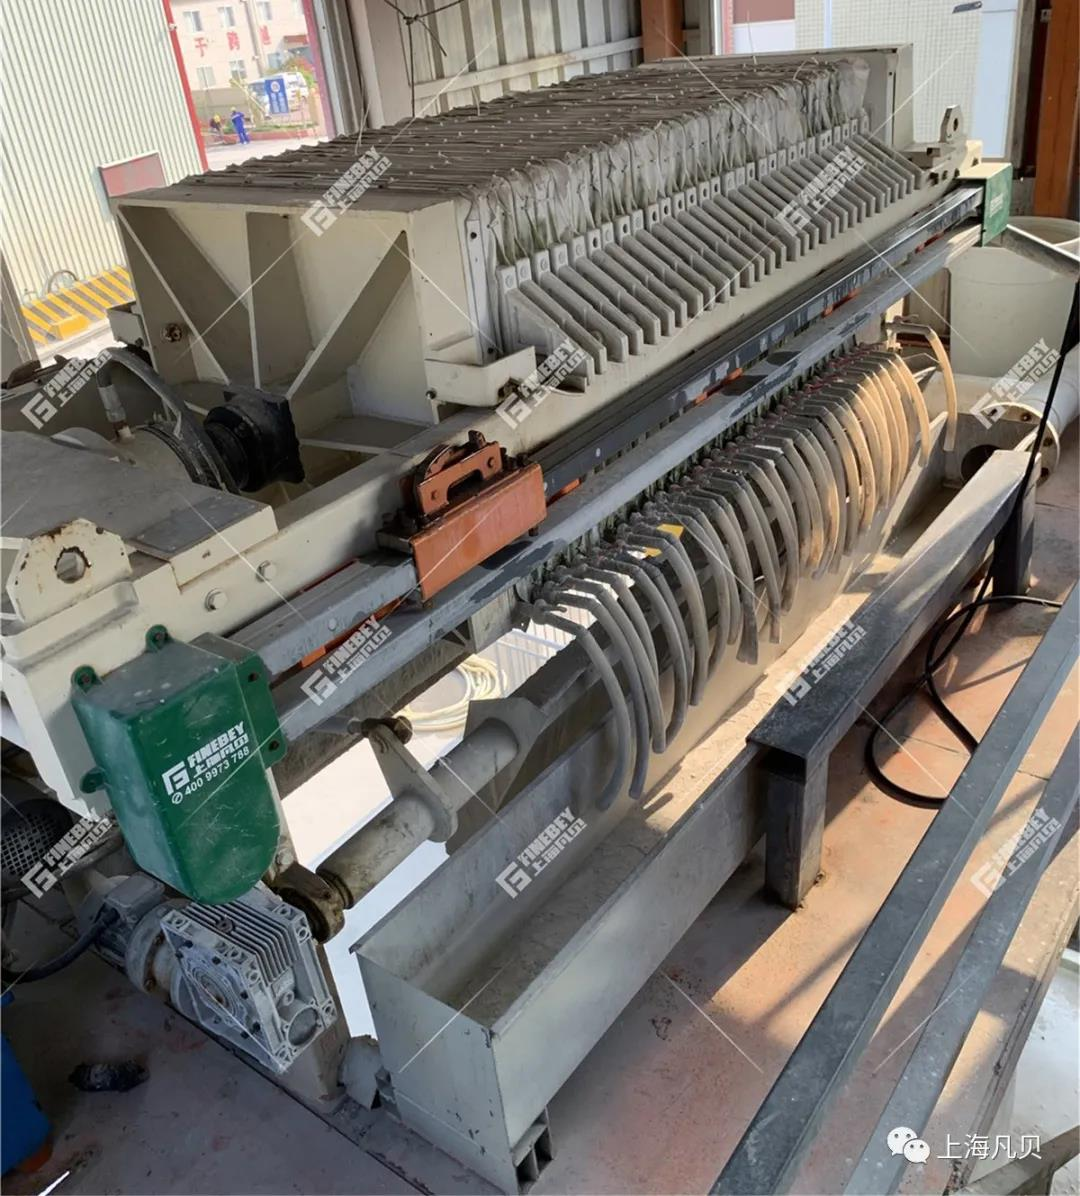 上海凡贝洗车机、砂石分离机、喷雾使用一年两年后,设备依旧如新